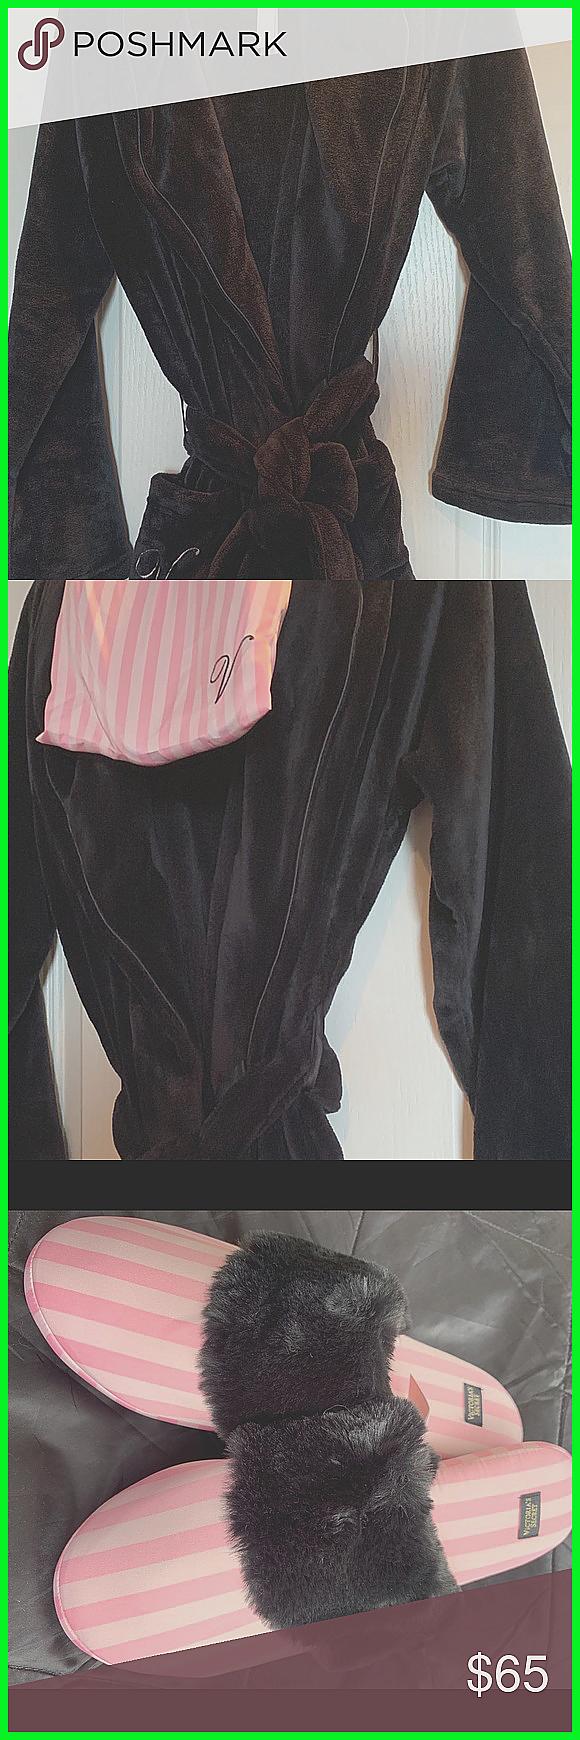 Beau Bata M  L Victoria  39 s Occulte Black en tenant de imposants baskets noires douces et confortables  Victorias Occulte vêtement noire M